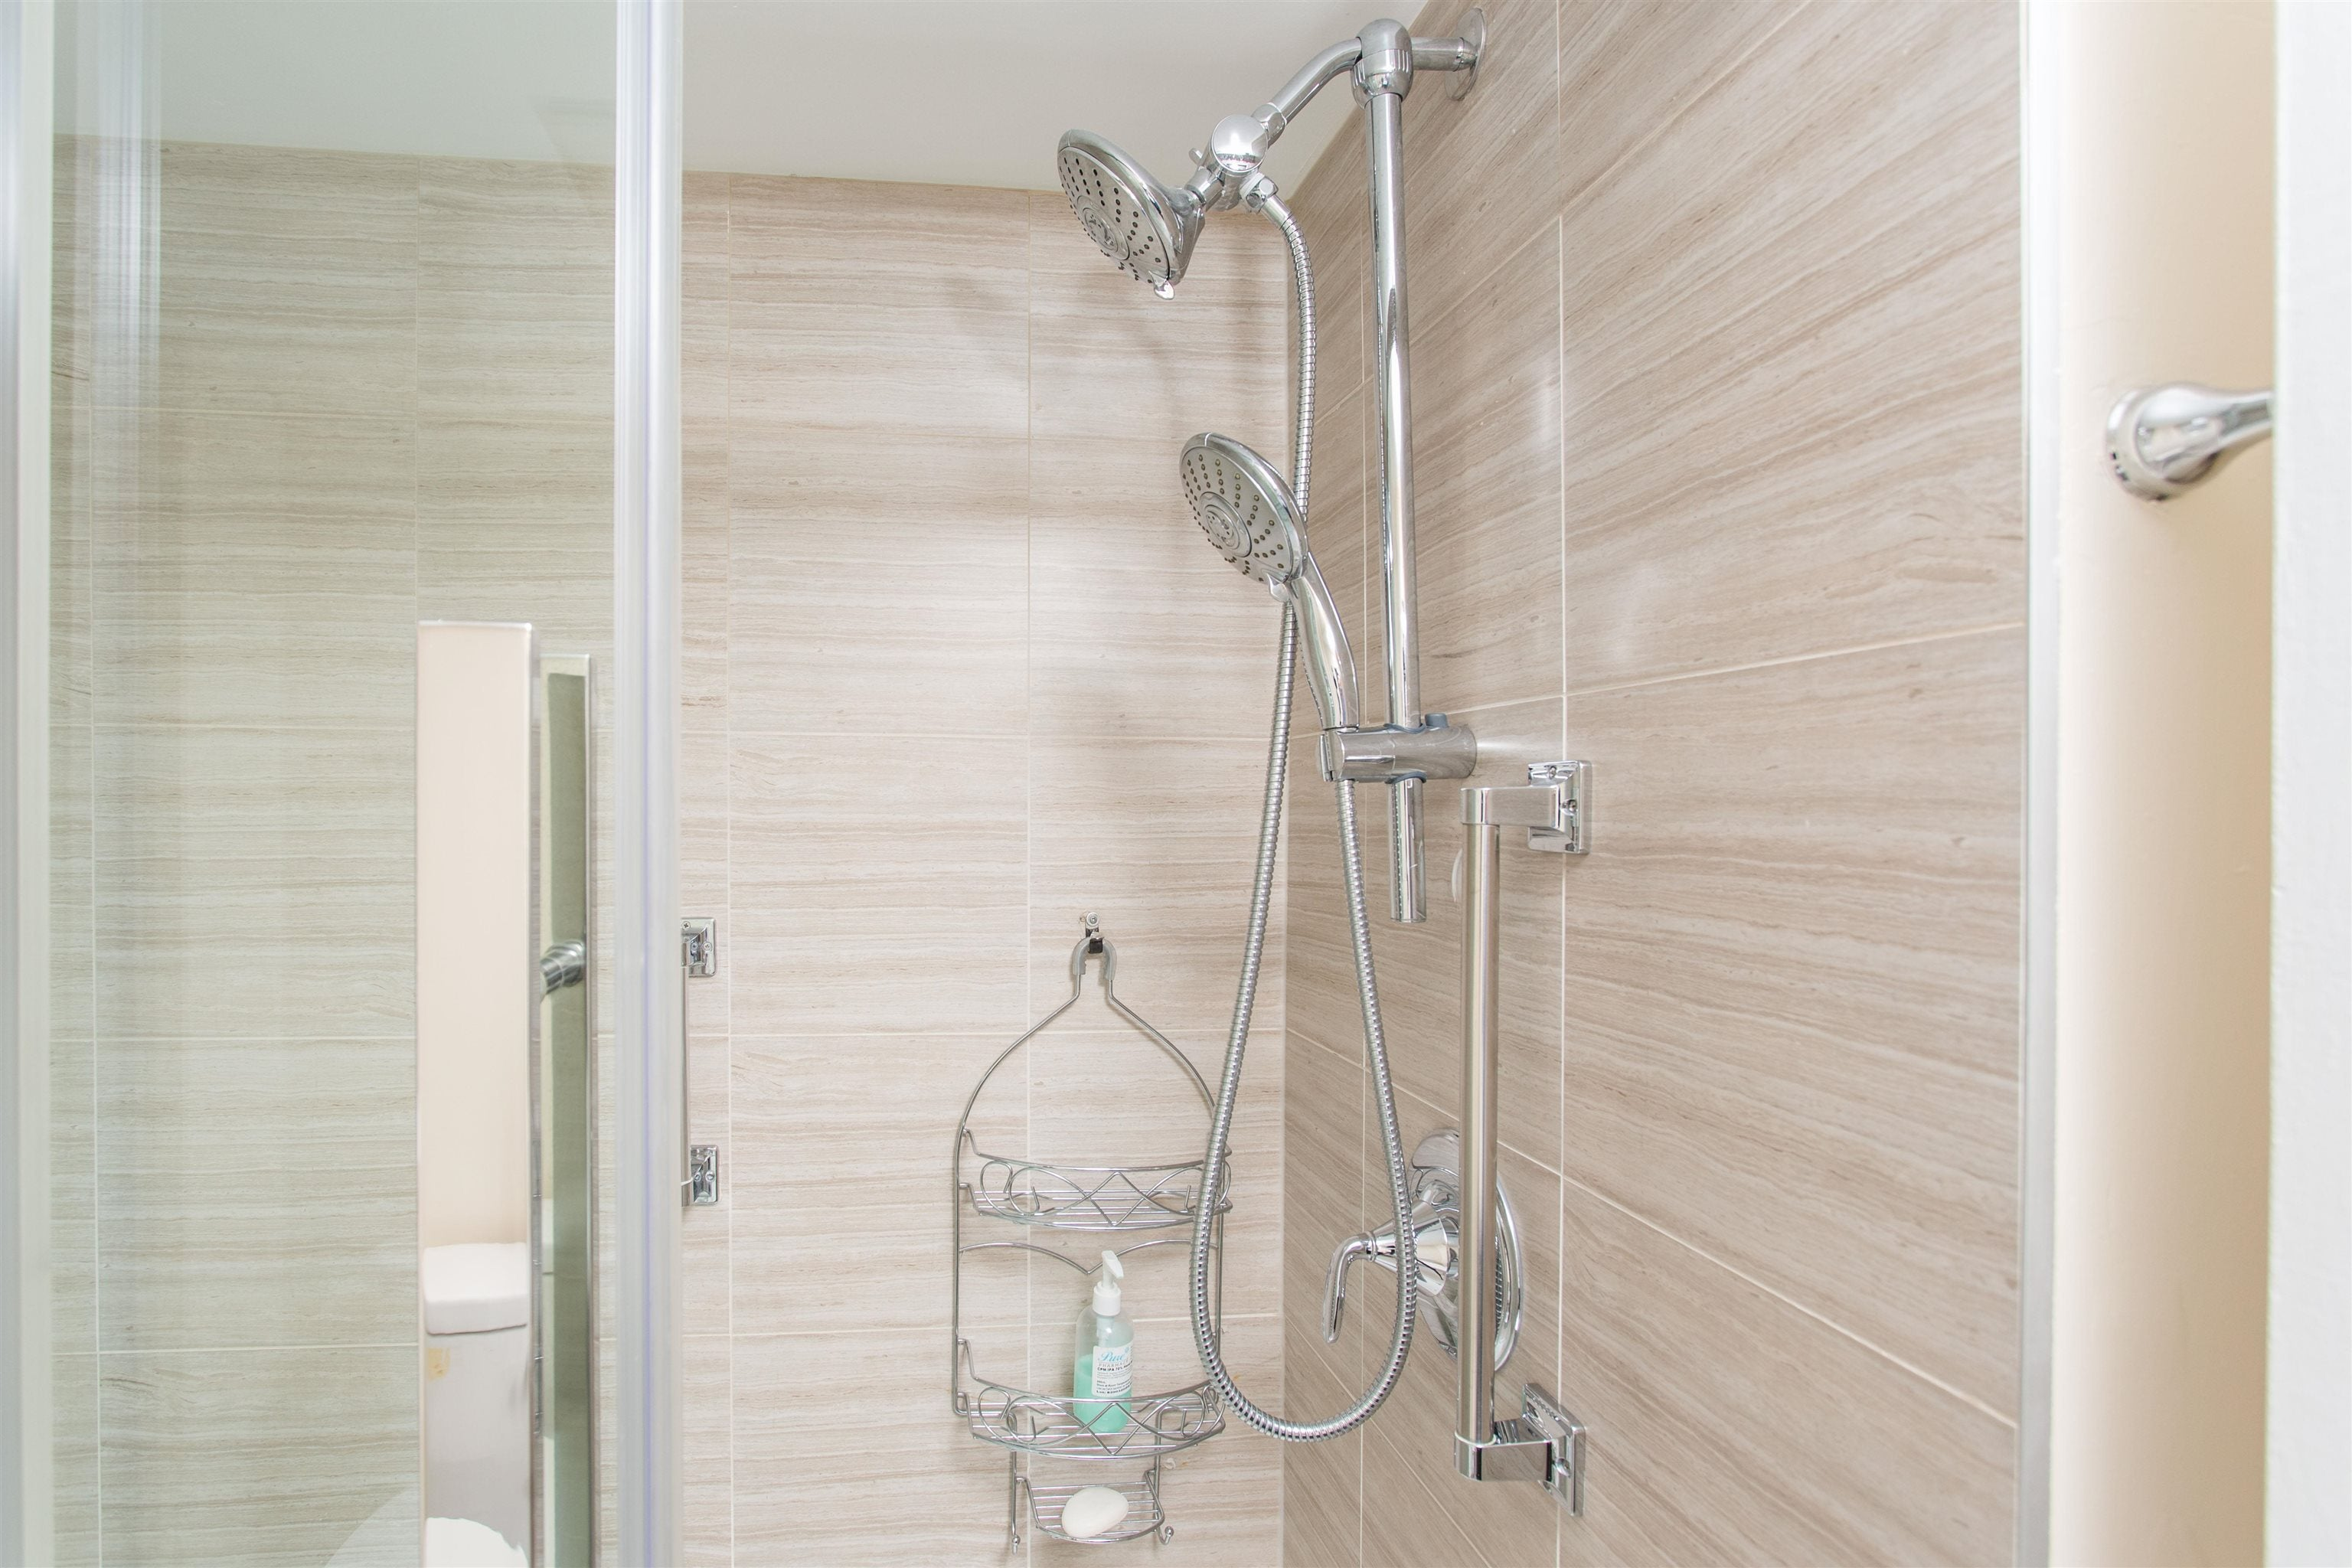 203 1390 DUCHESS AVENUE - Ambleside Apartment/Condo for sale, 1 Bedroom (R2611618) - #19